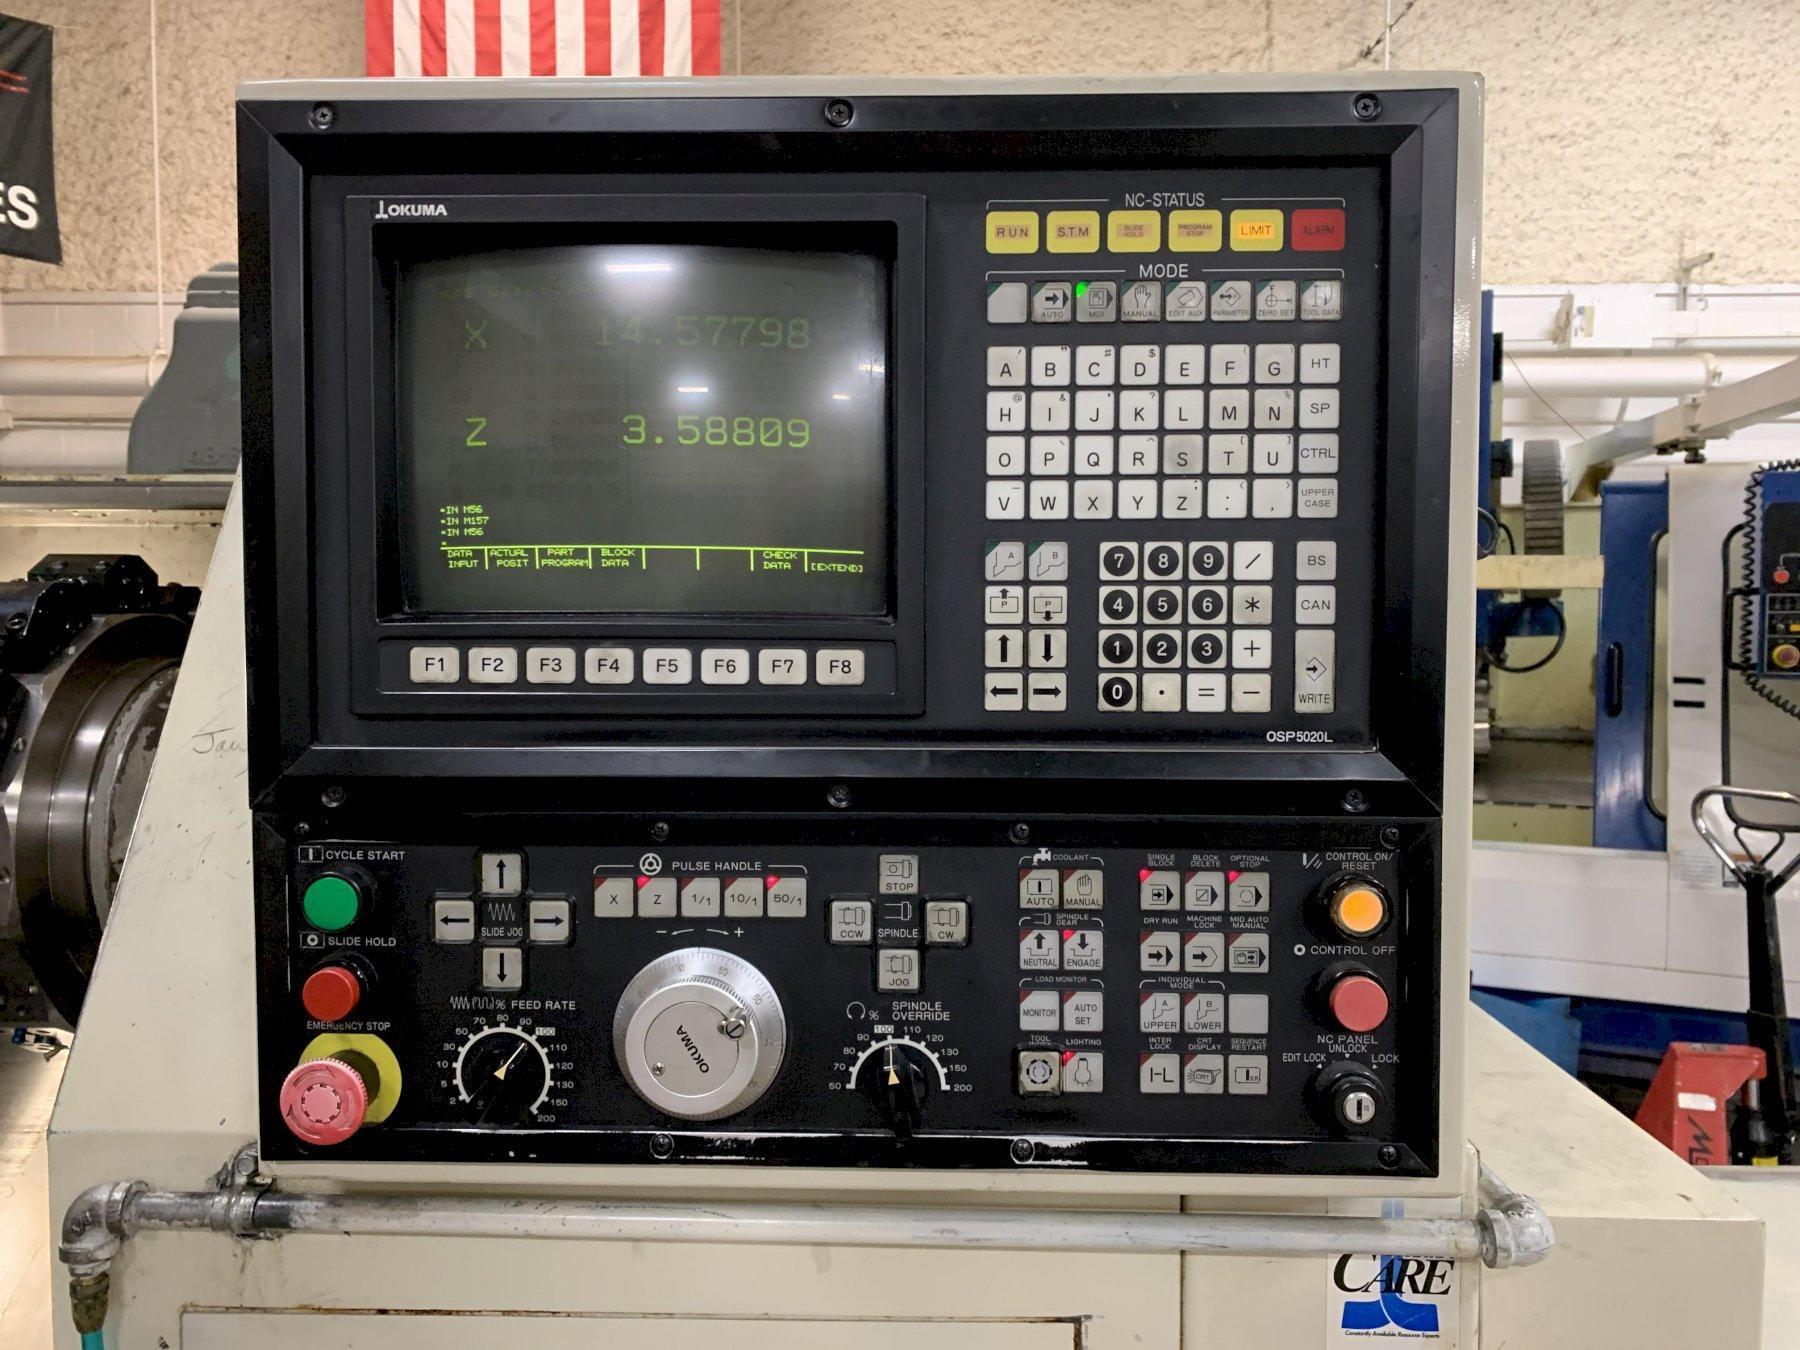 Okuma Cadet L1420 Turning Center, S/N 0178, New approx 1996.